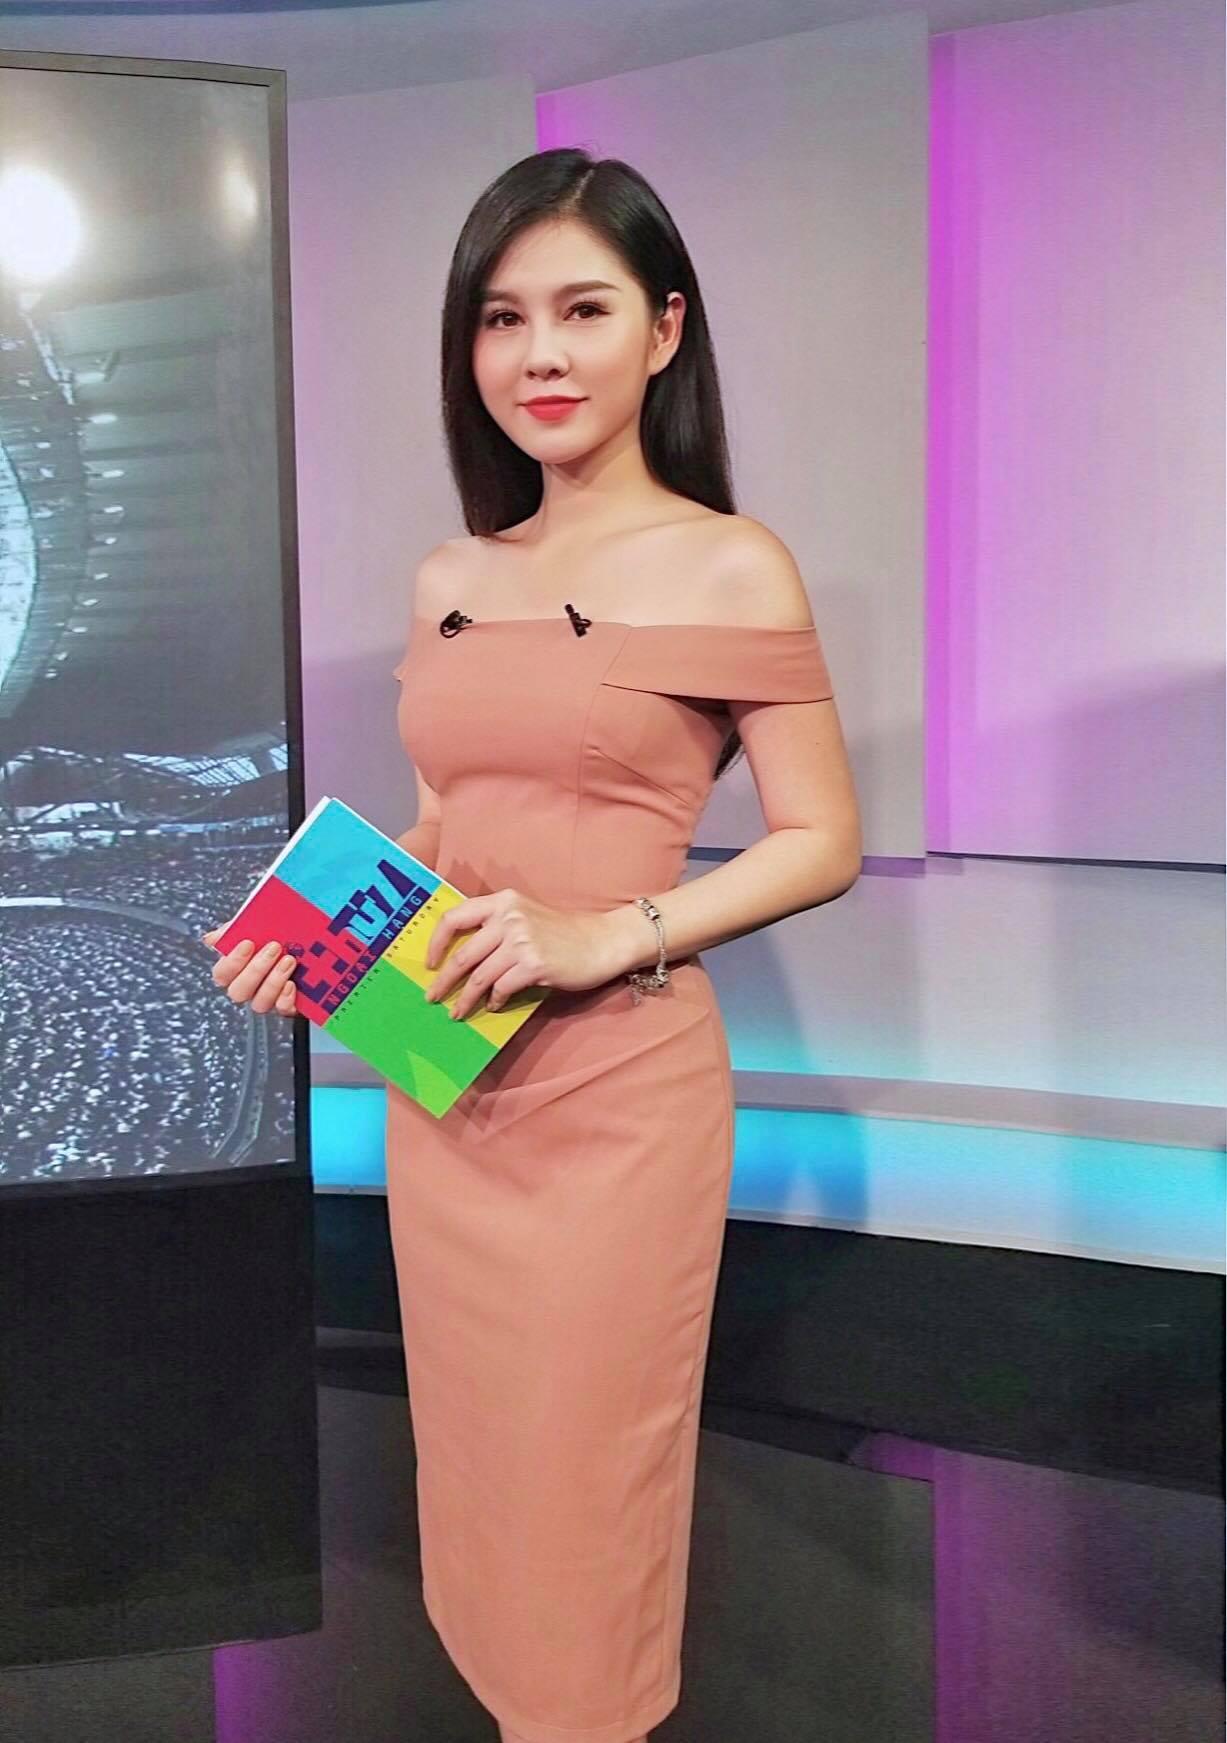 MC Vũ Thu Hoài suýt đi trông trại giam thay vì làm diễn viên